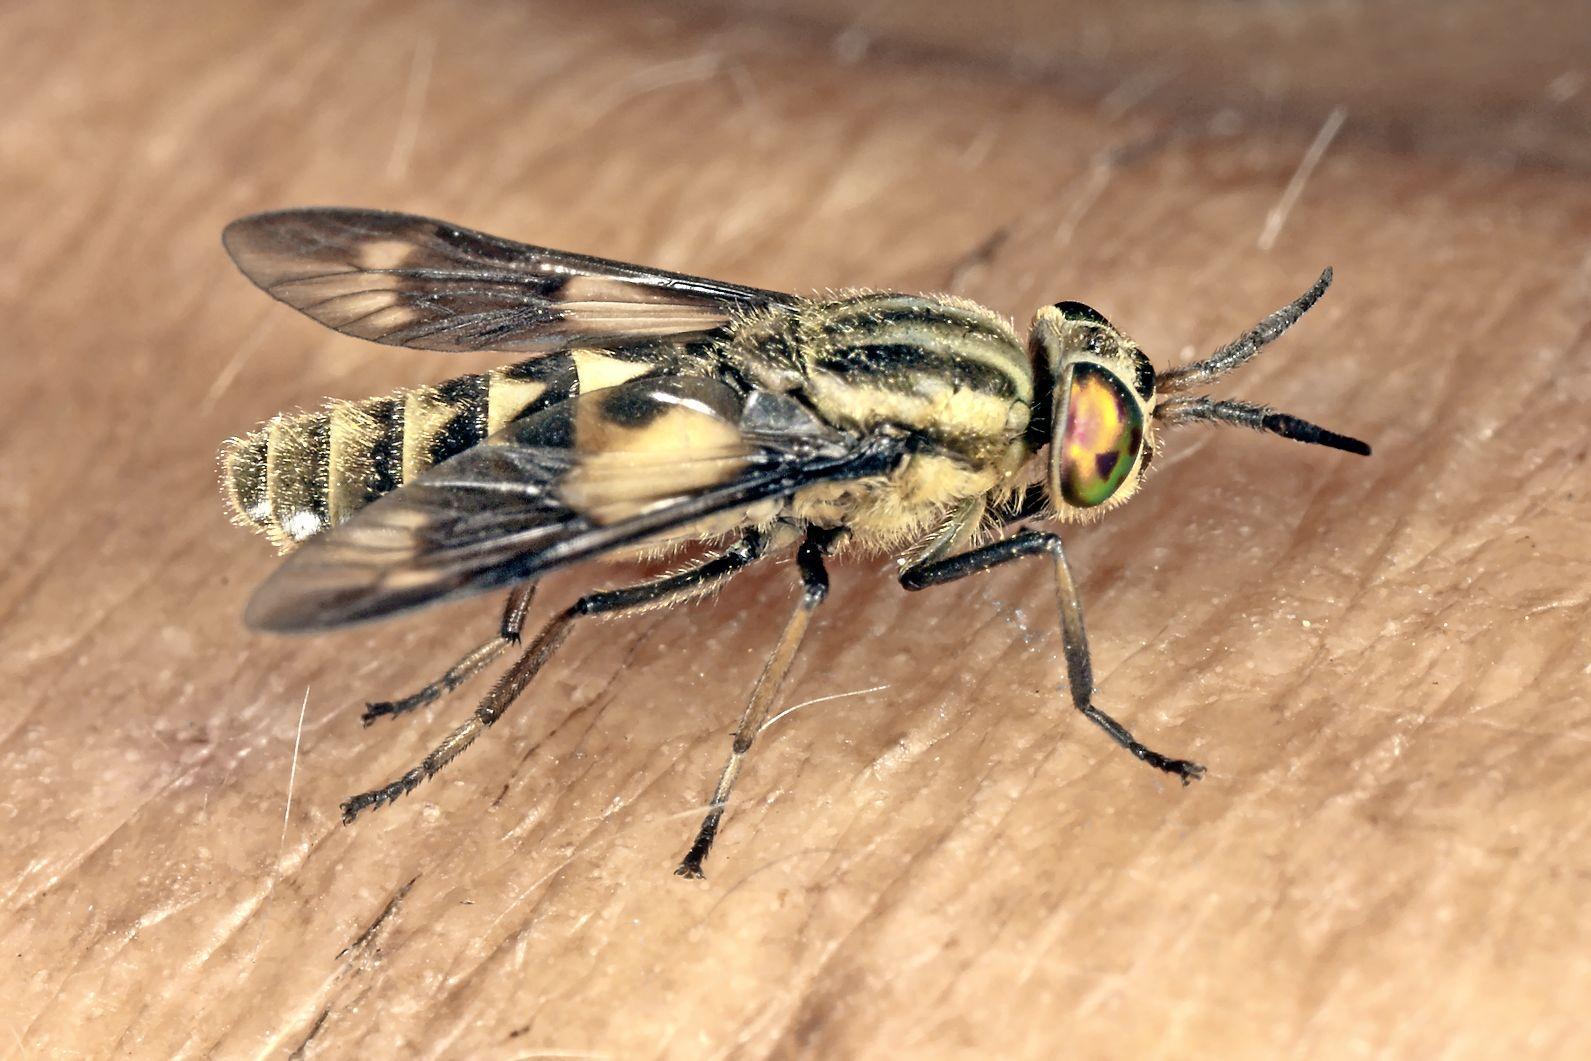 Hilversummer aangevallen door horde insecten op Hoorneboegse Heide: 'Honderden meters op de vlucht voor stekende bromvliegen'; volgens insectenkenner hebben dazen mensenbloed nodig voor eitjes